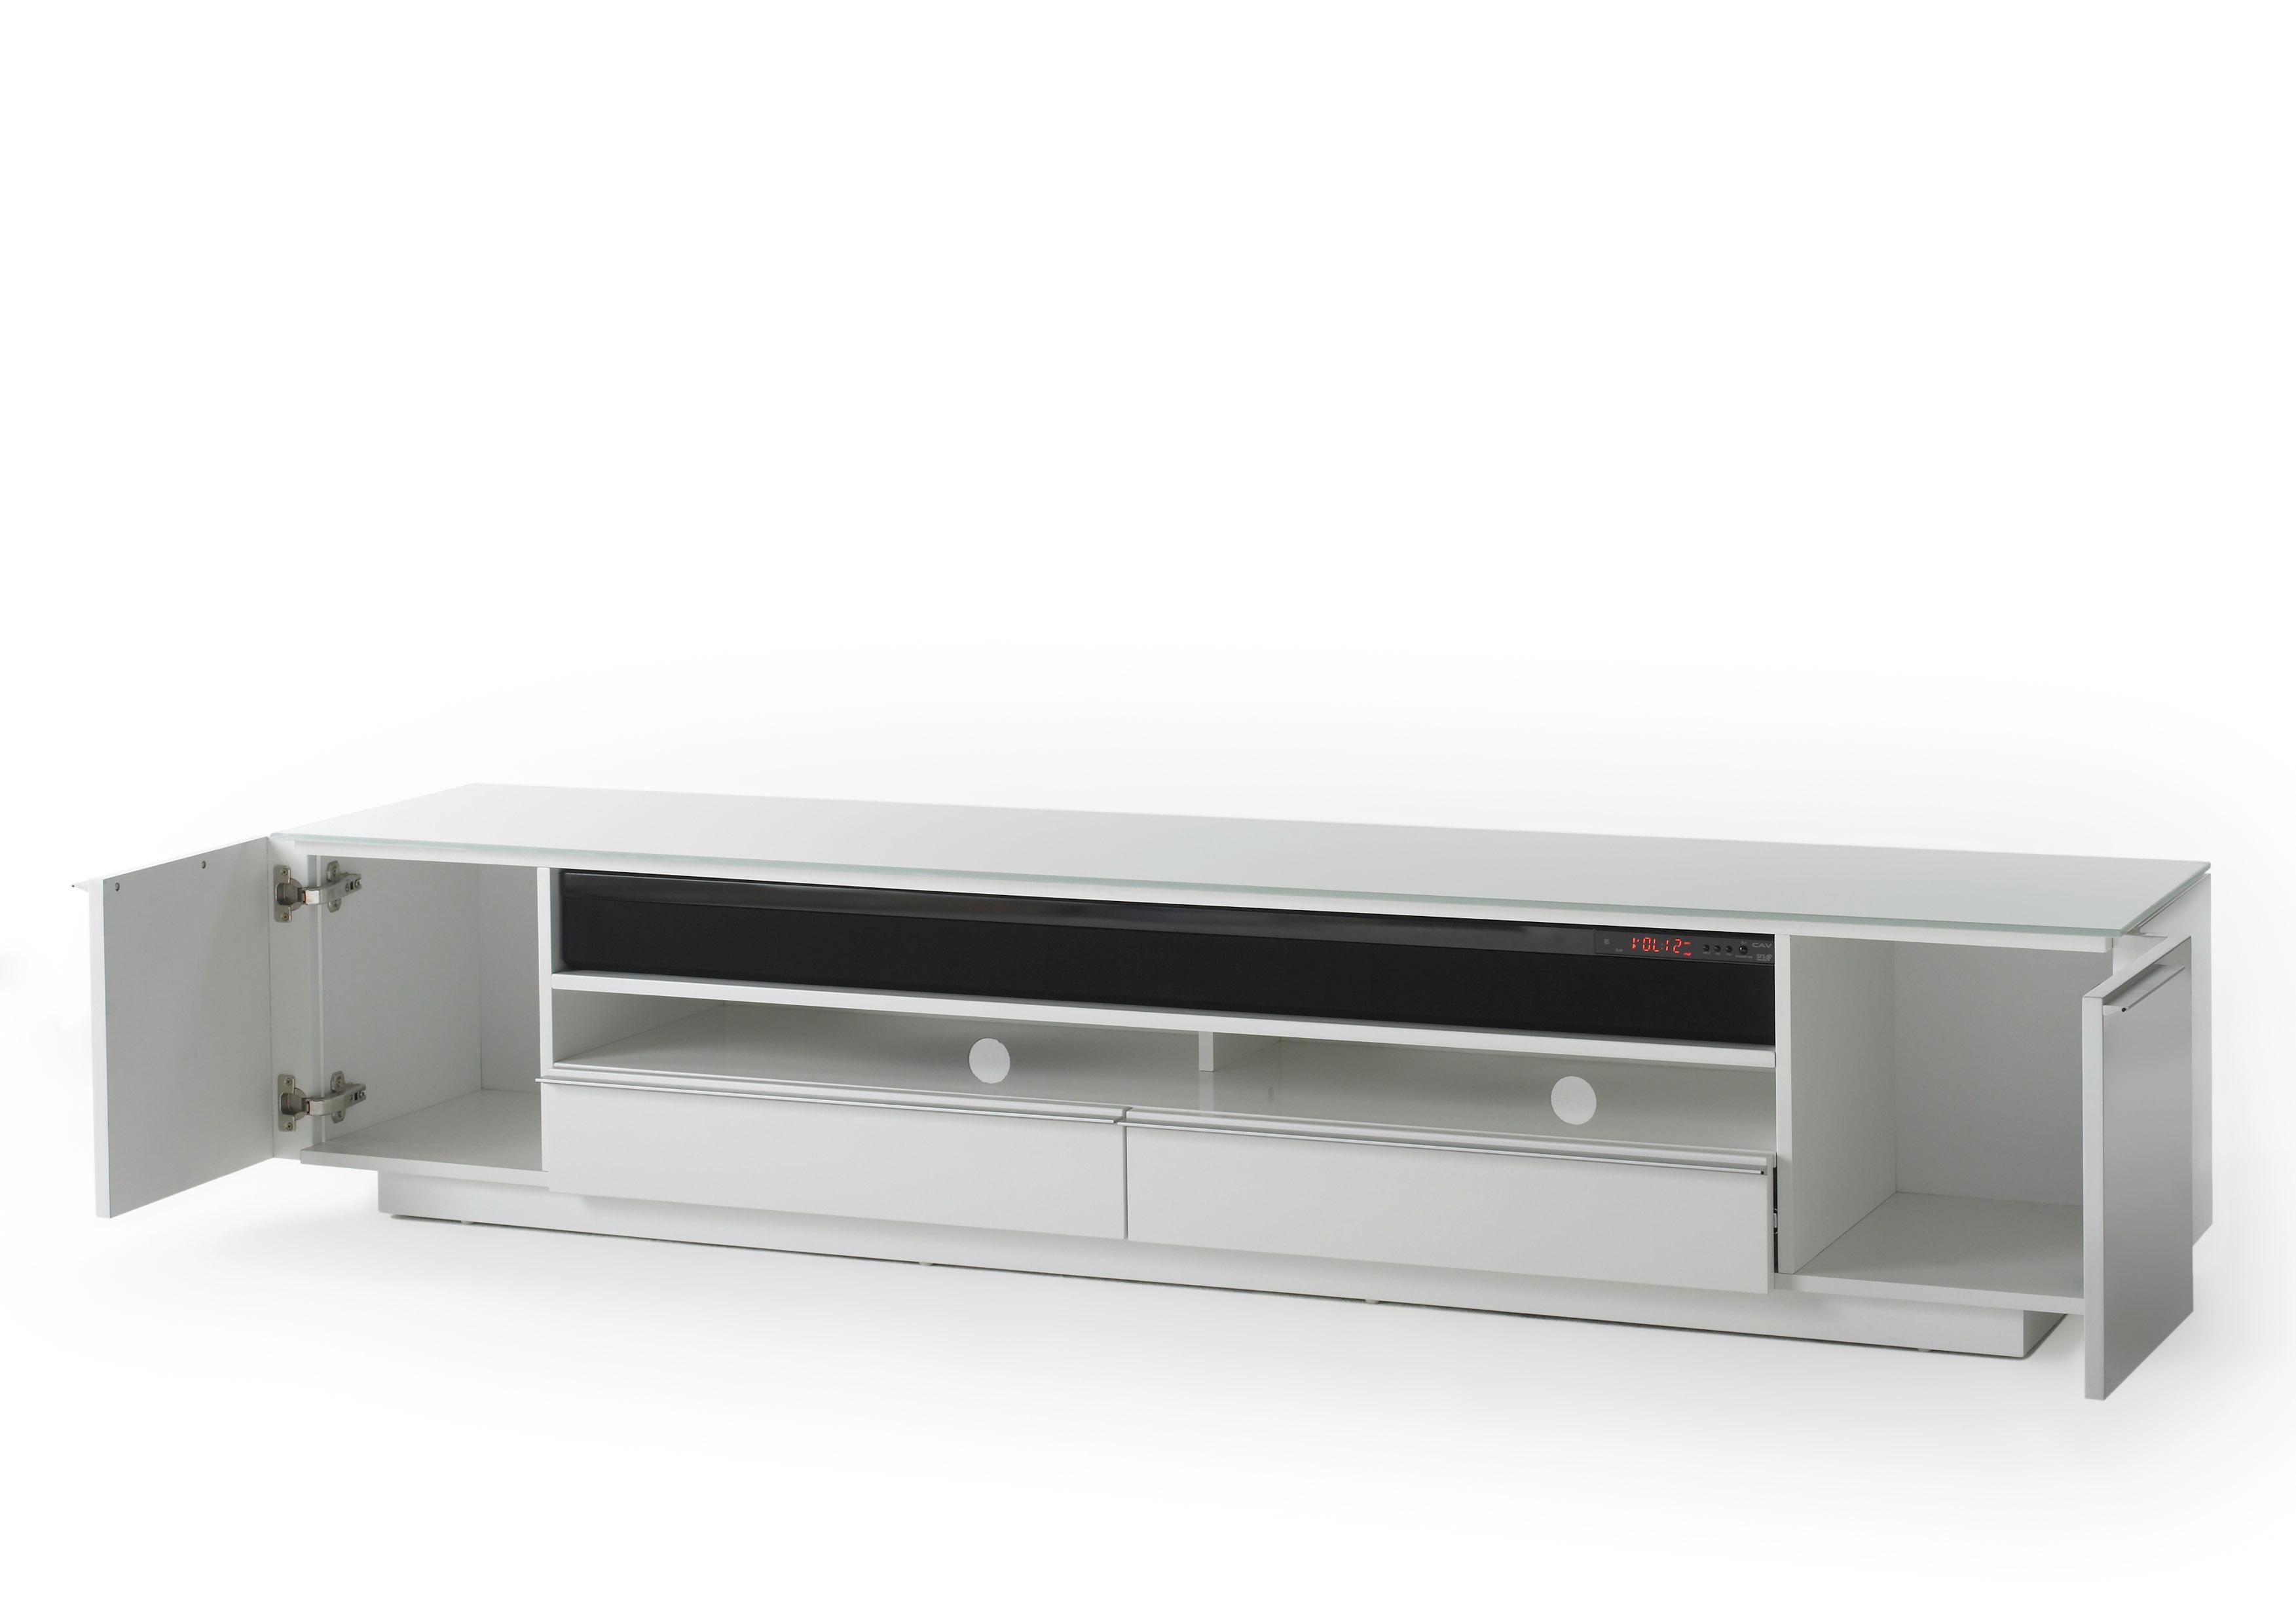 robas lund lowboard fernsehtisch tv schrank canberra hochglanz wei mit soundsystem 196 x. Black Bedroom Furniture Sets. Home Design Ideas